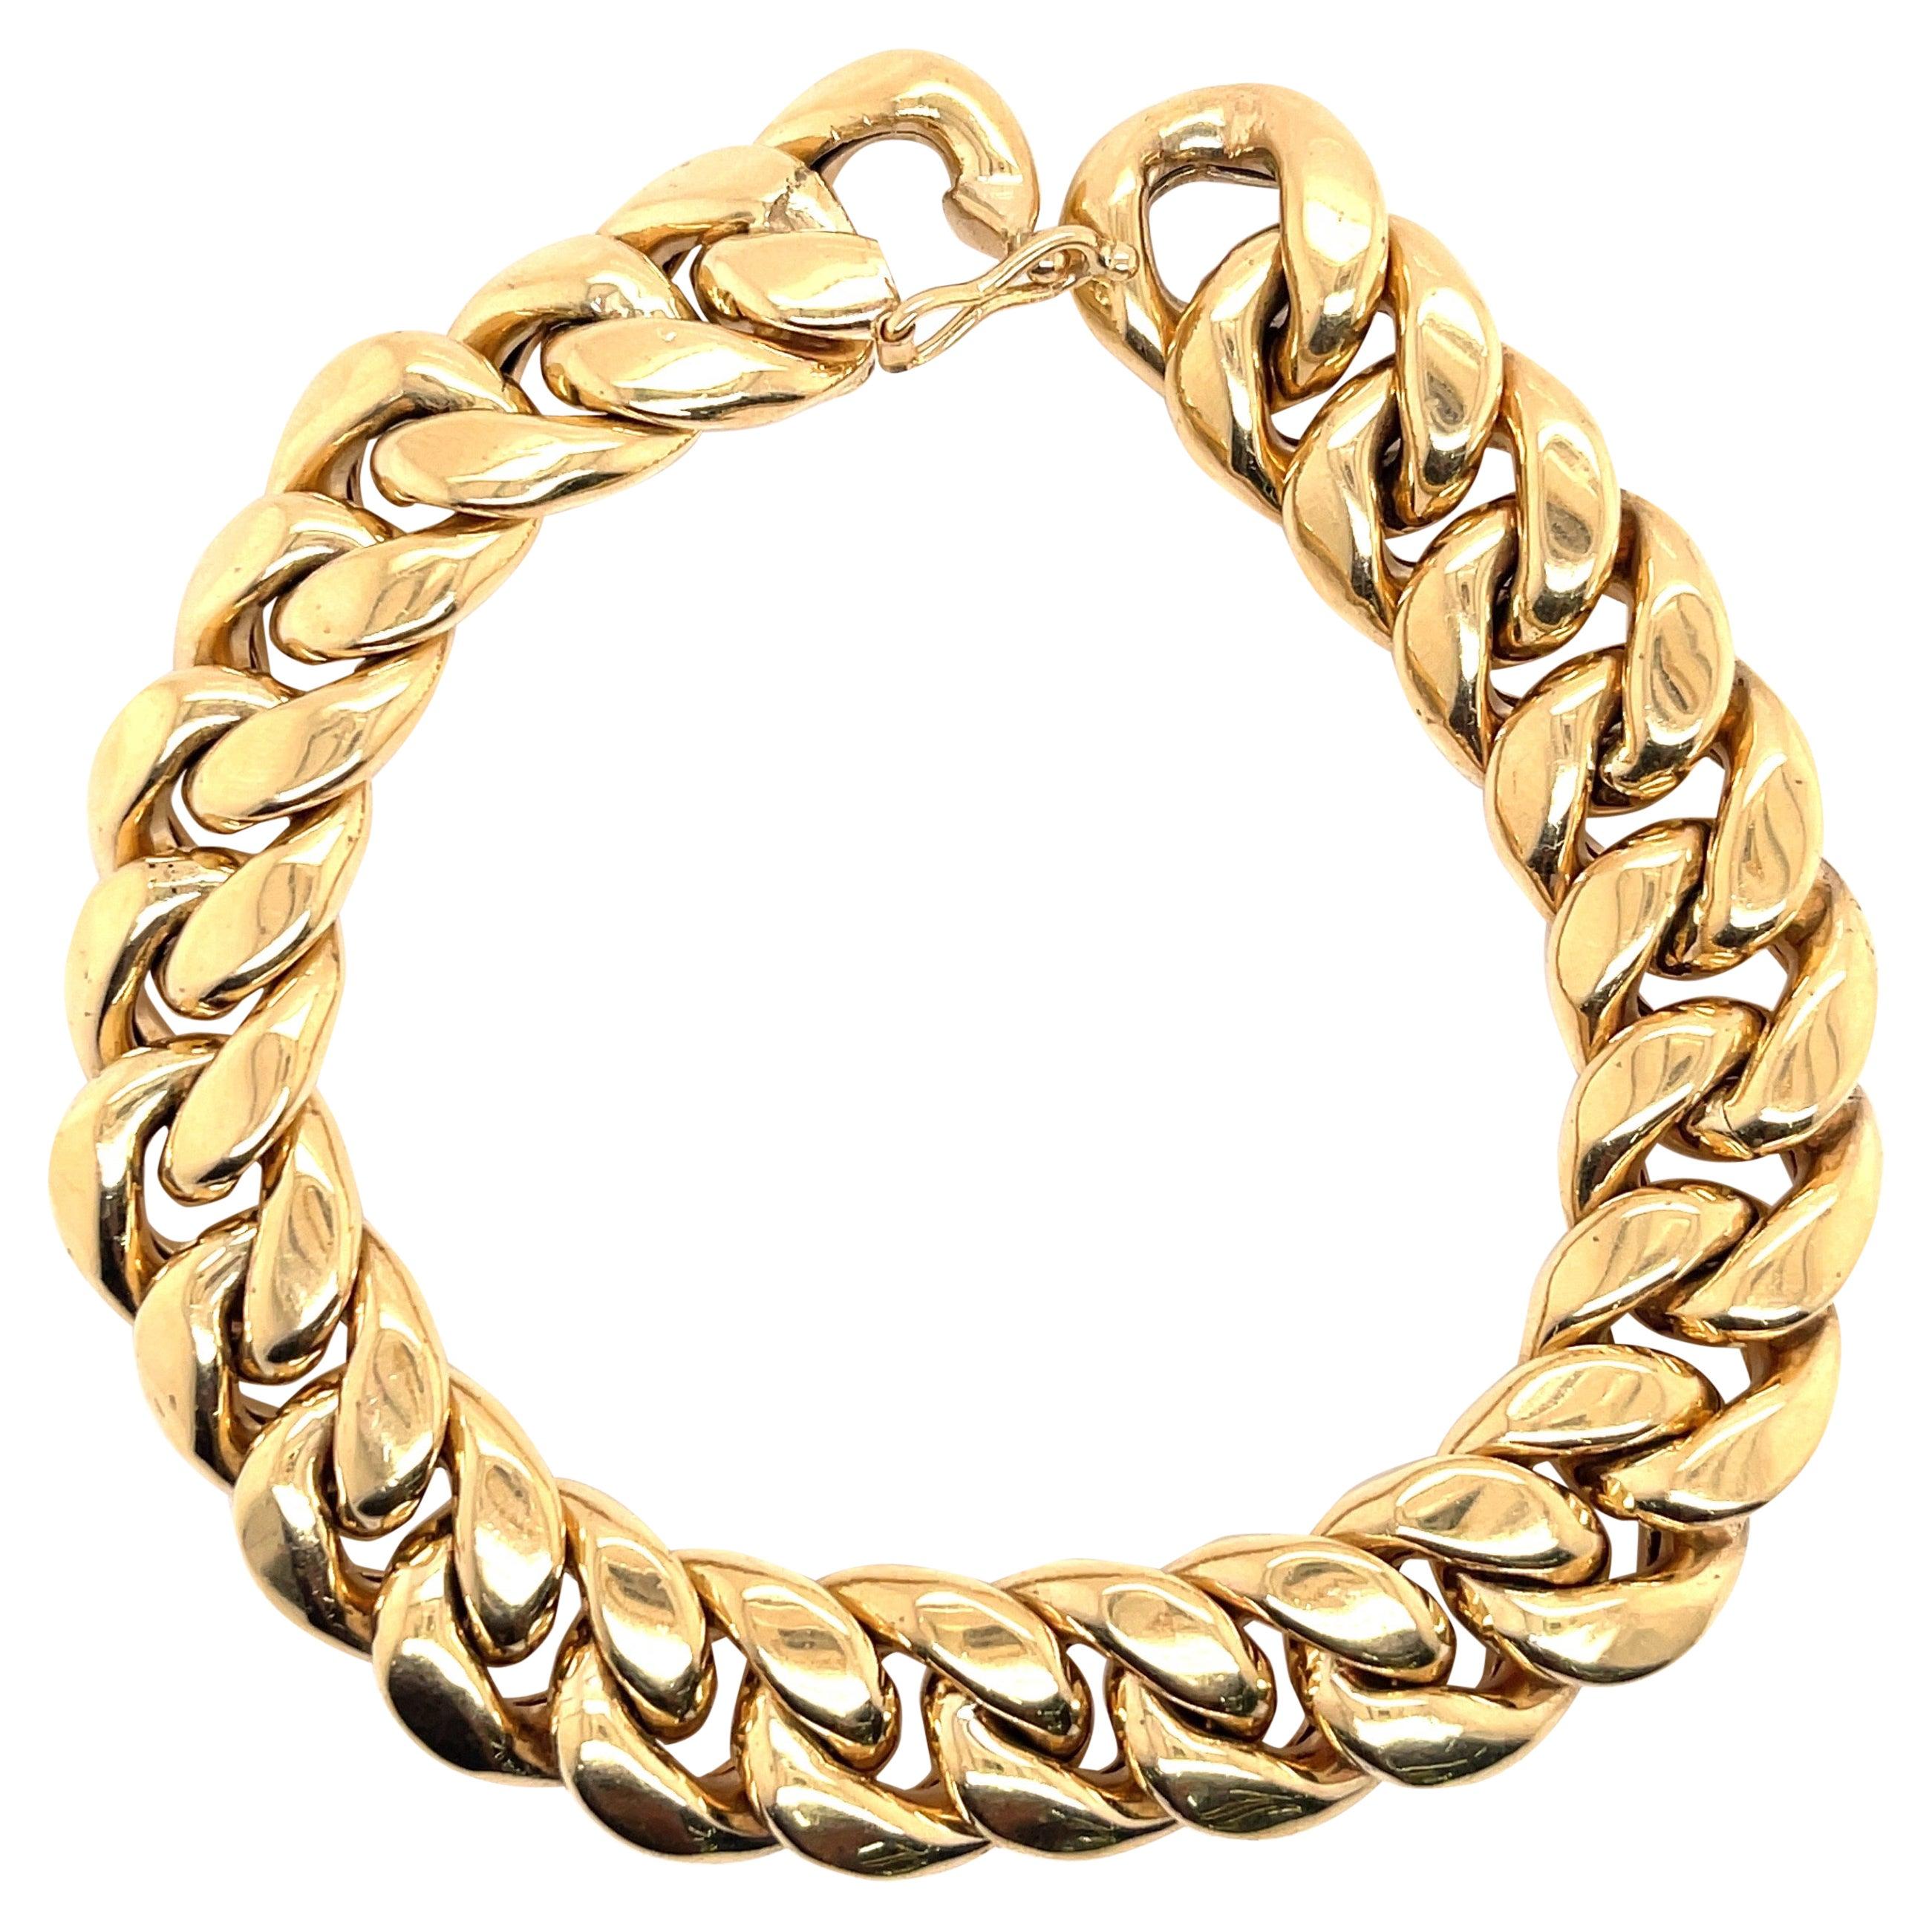 Gold Link Bracelet 43.32 g.